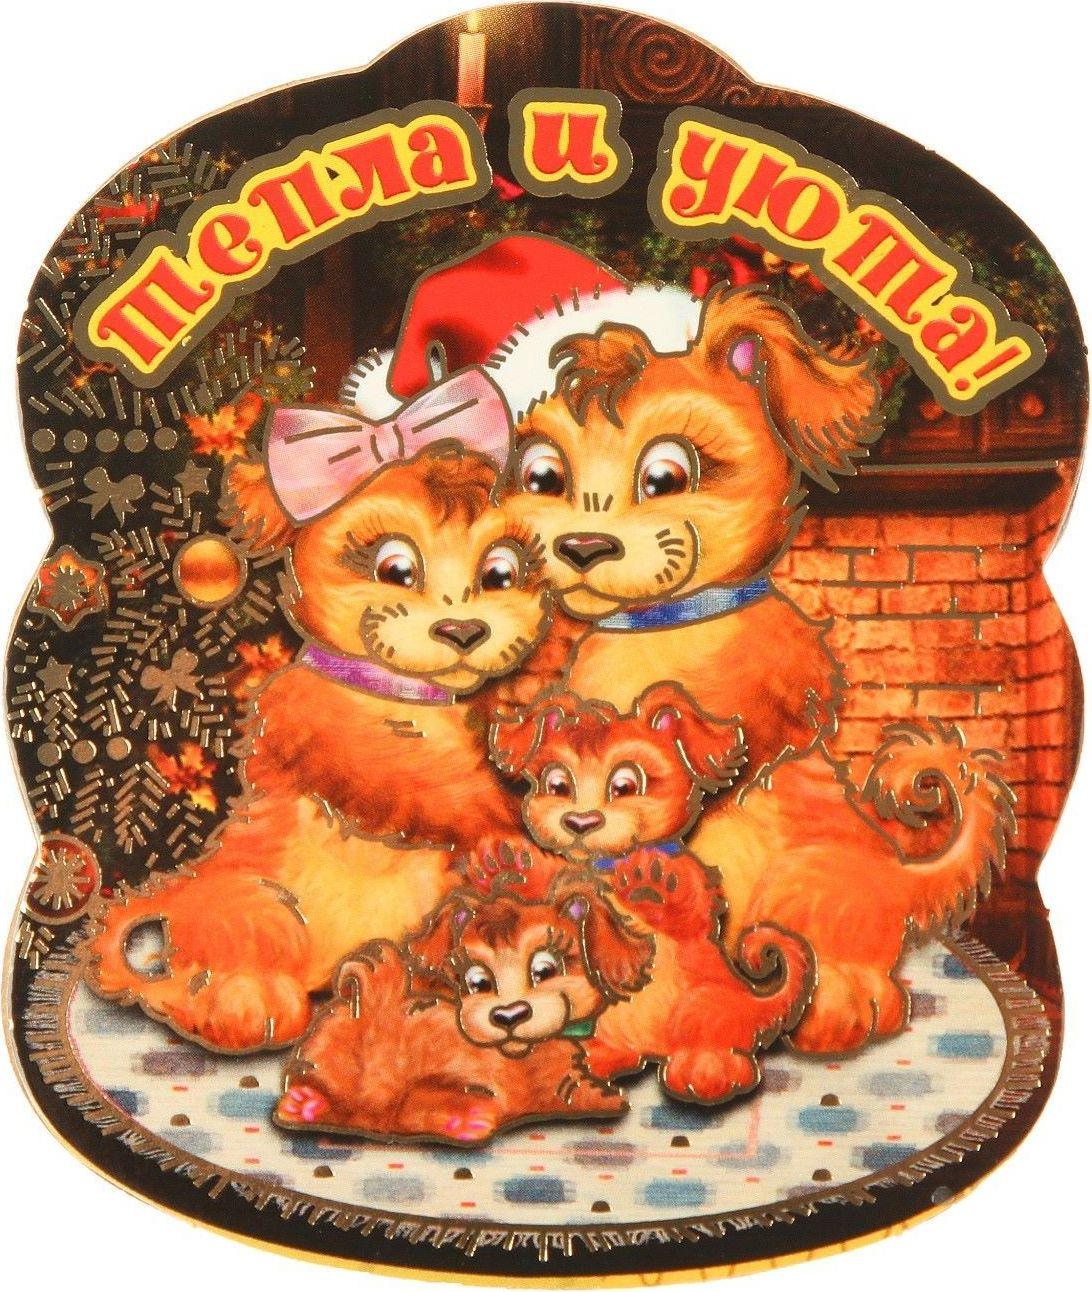 Магнит Sima-land Новогодний, 9,5 х7,5 см. 25943262594326Порадуйте родных и близких оригинальным сувениром: преподнесите в подарок магнит. С ним даже самый серьёзный человек почувствует себя ребёнком, ожидающим чудо! Создайте праздничное настроение, и оно останется с вами на весь год.